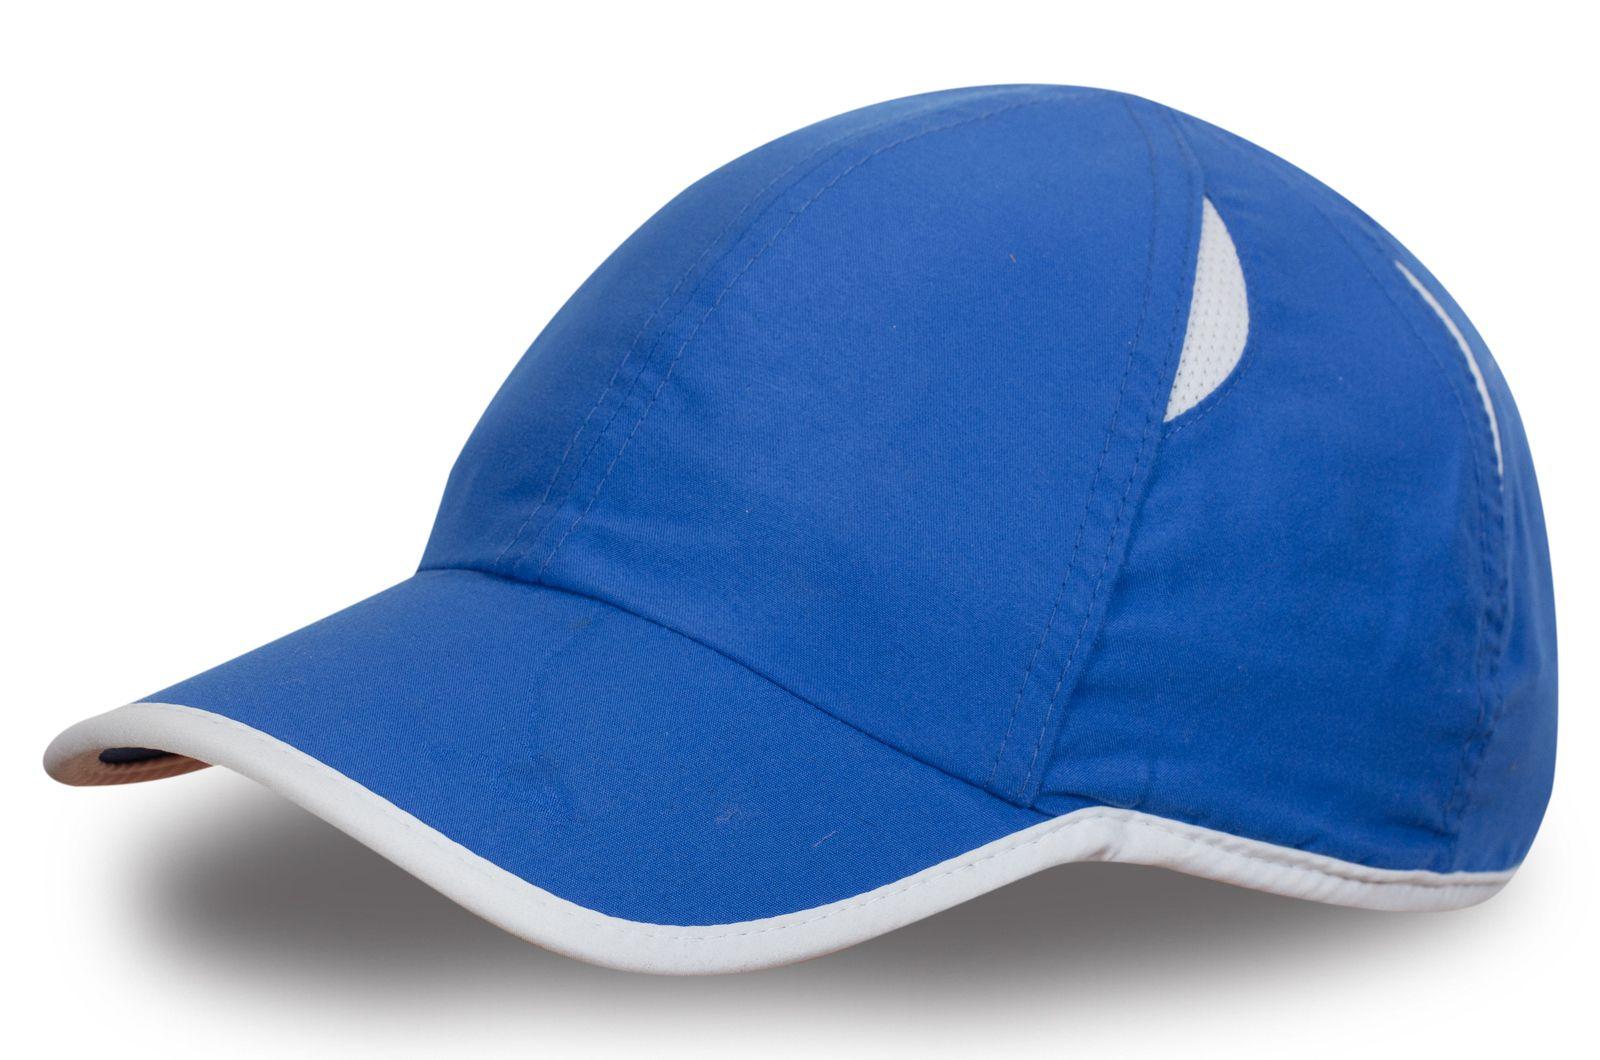 Теннисная кепка - купить в интернет-магазине с доставкой